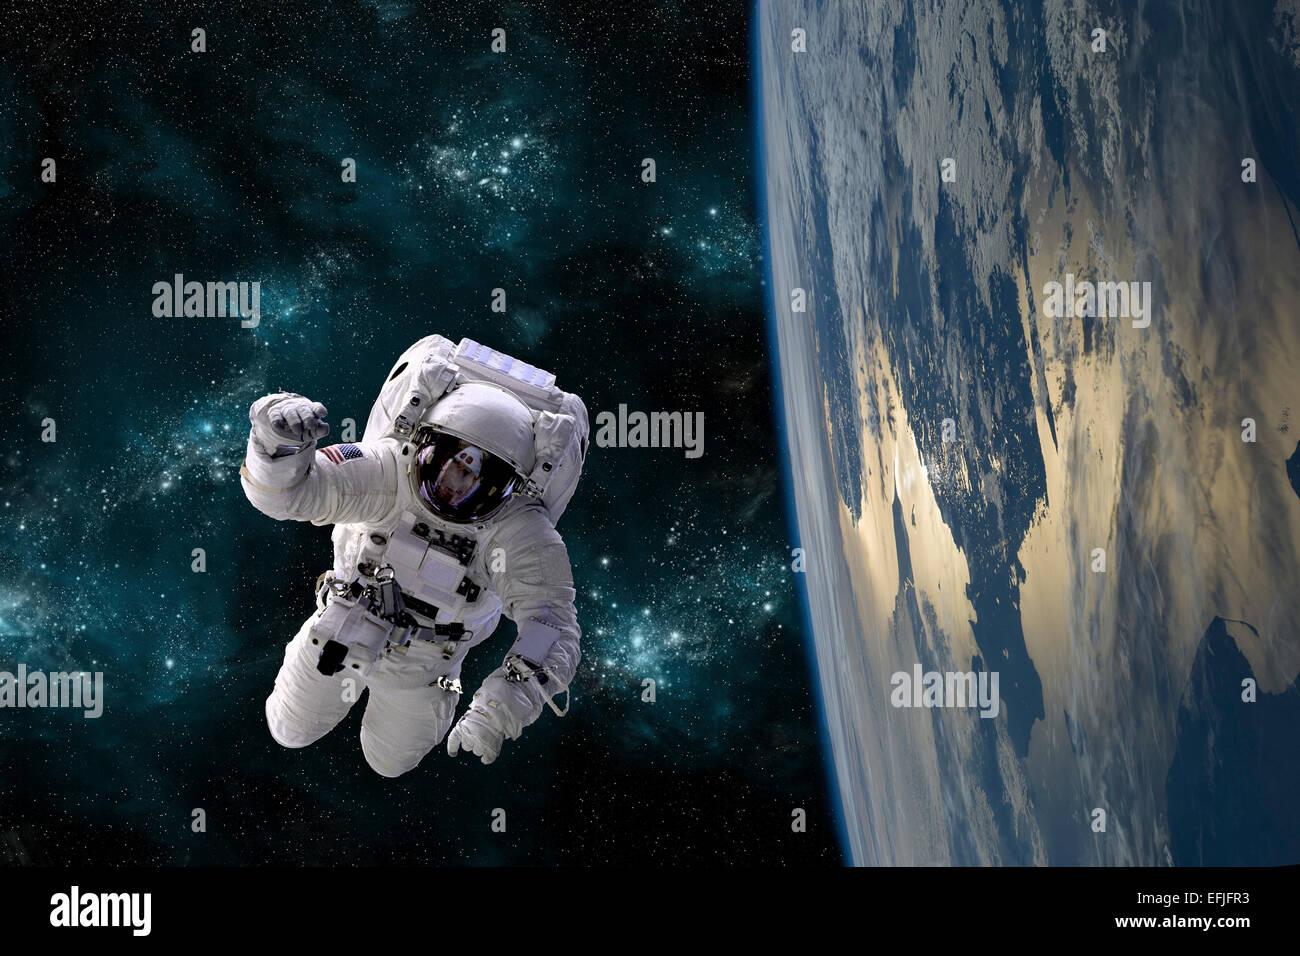 Representación de un artista de un astronauta flotando en el espacio mientras en órbita alrededor de un Imagen De Stock